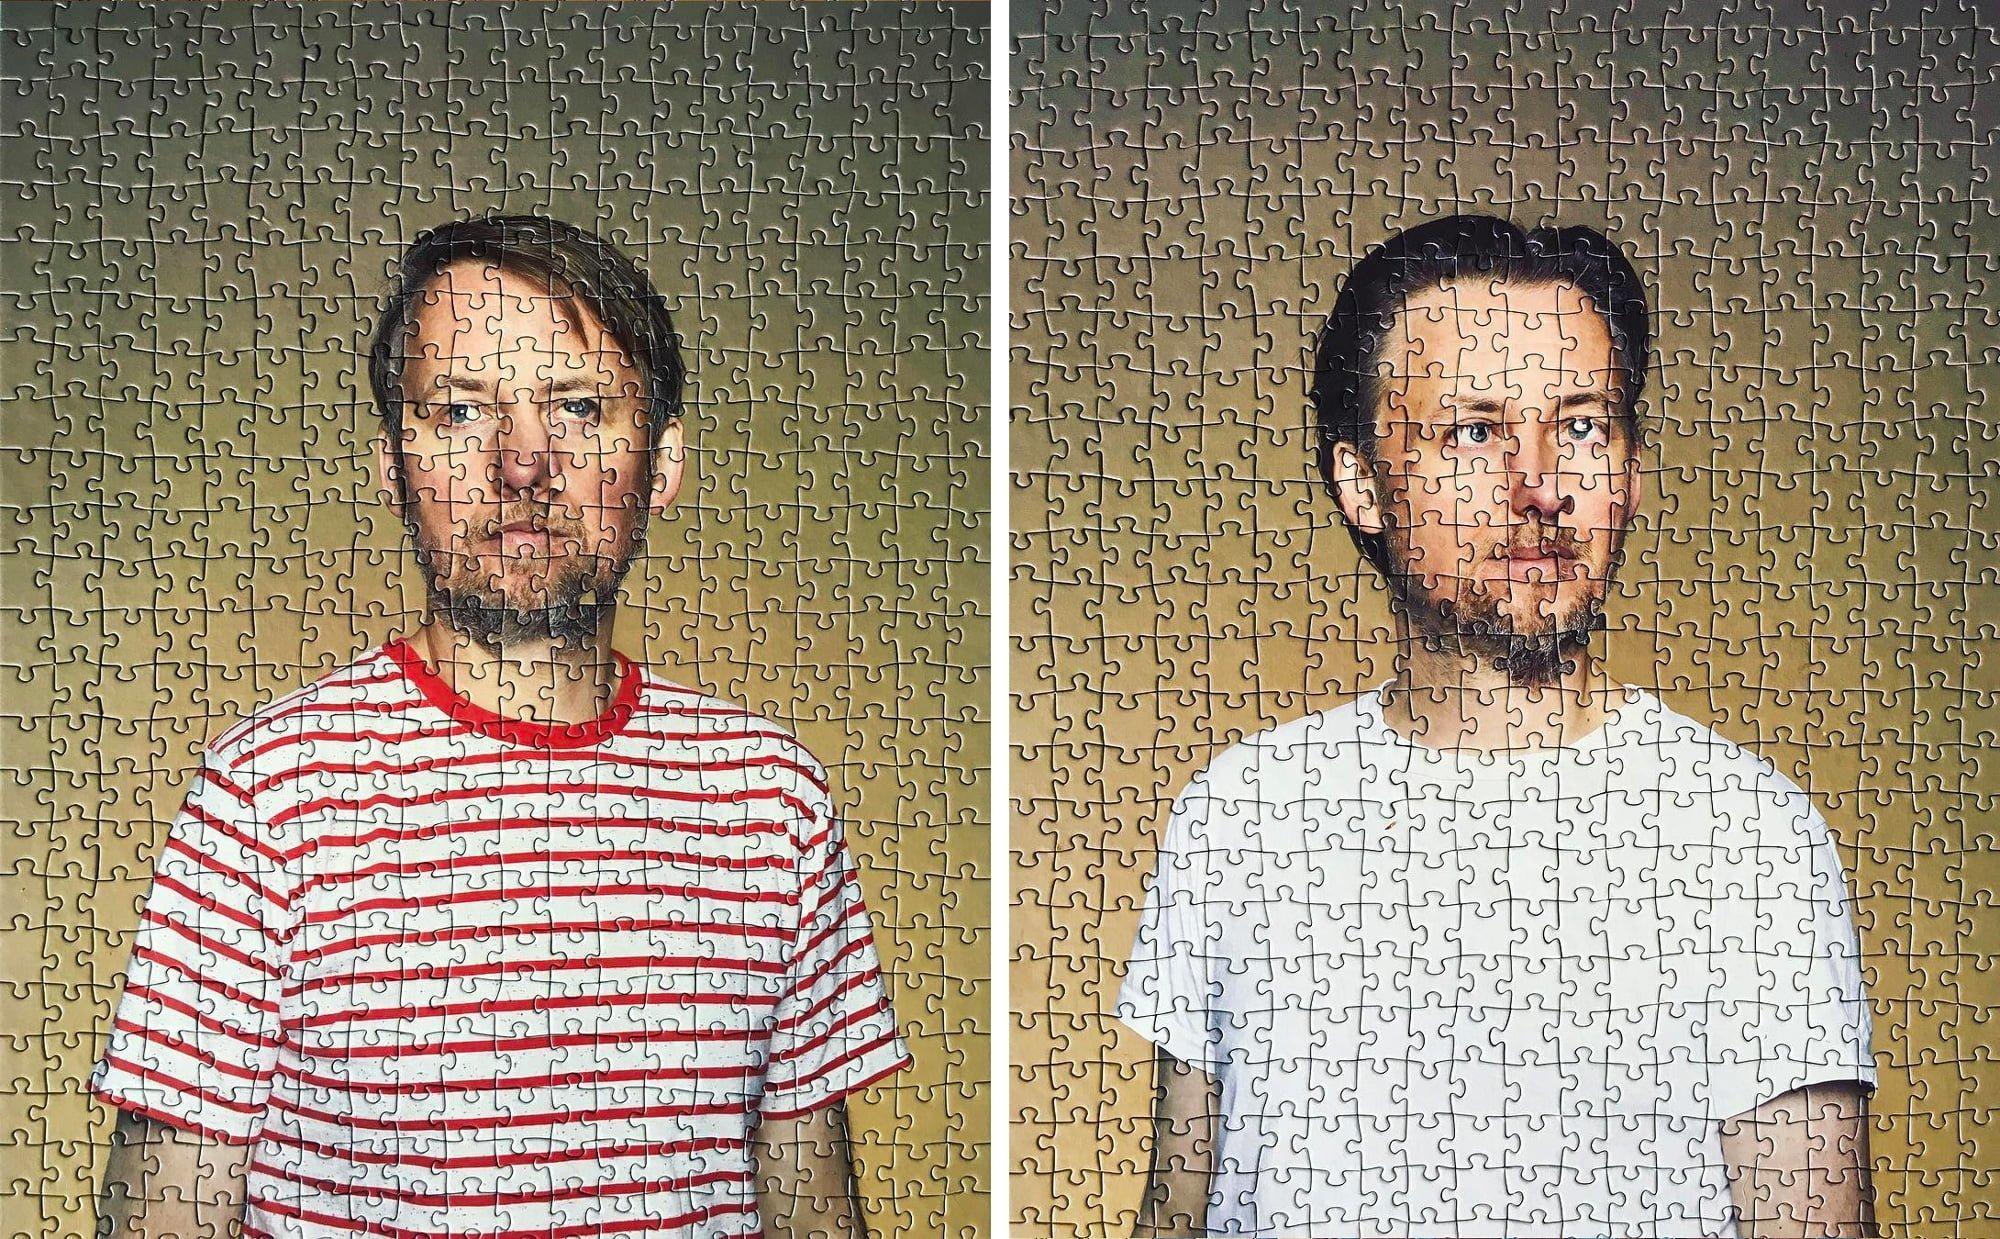 Tek Yumurta İkizlerinin Portreleri Yapbozlarda Birleşti